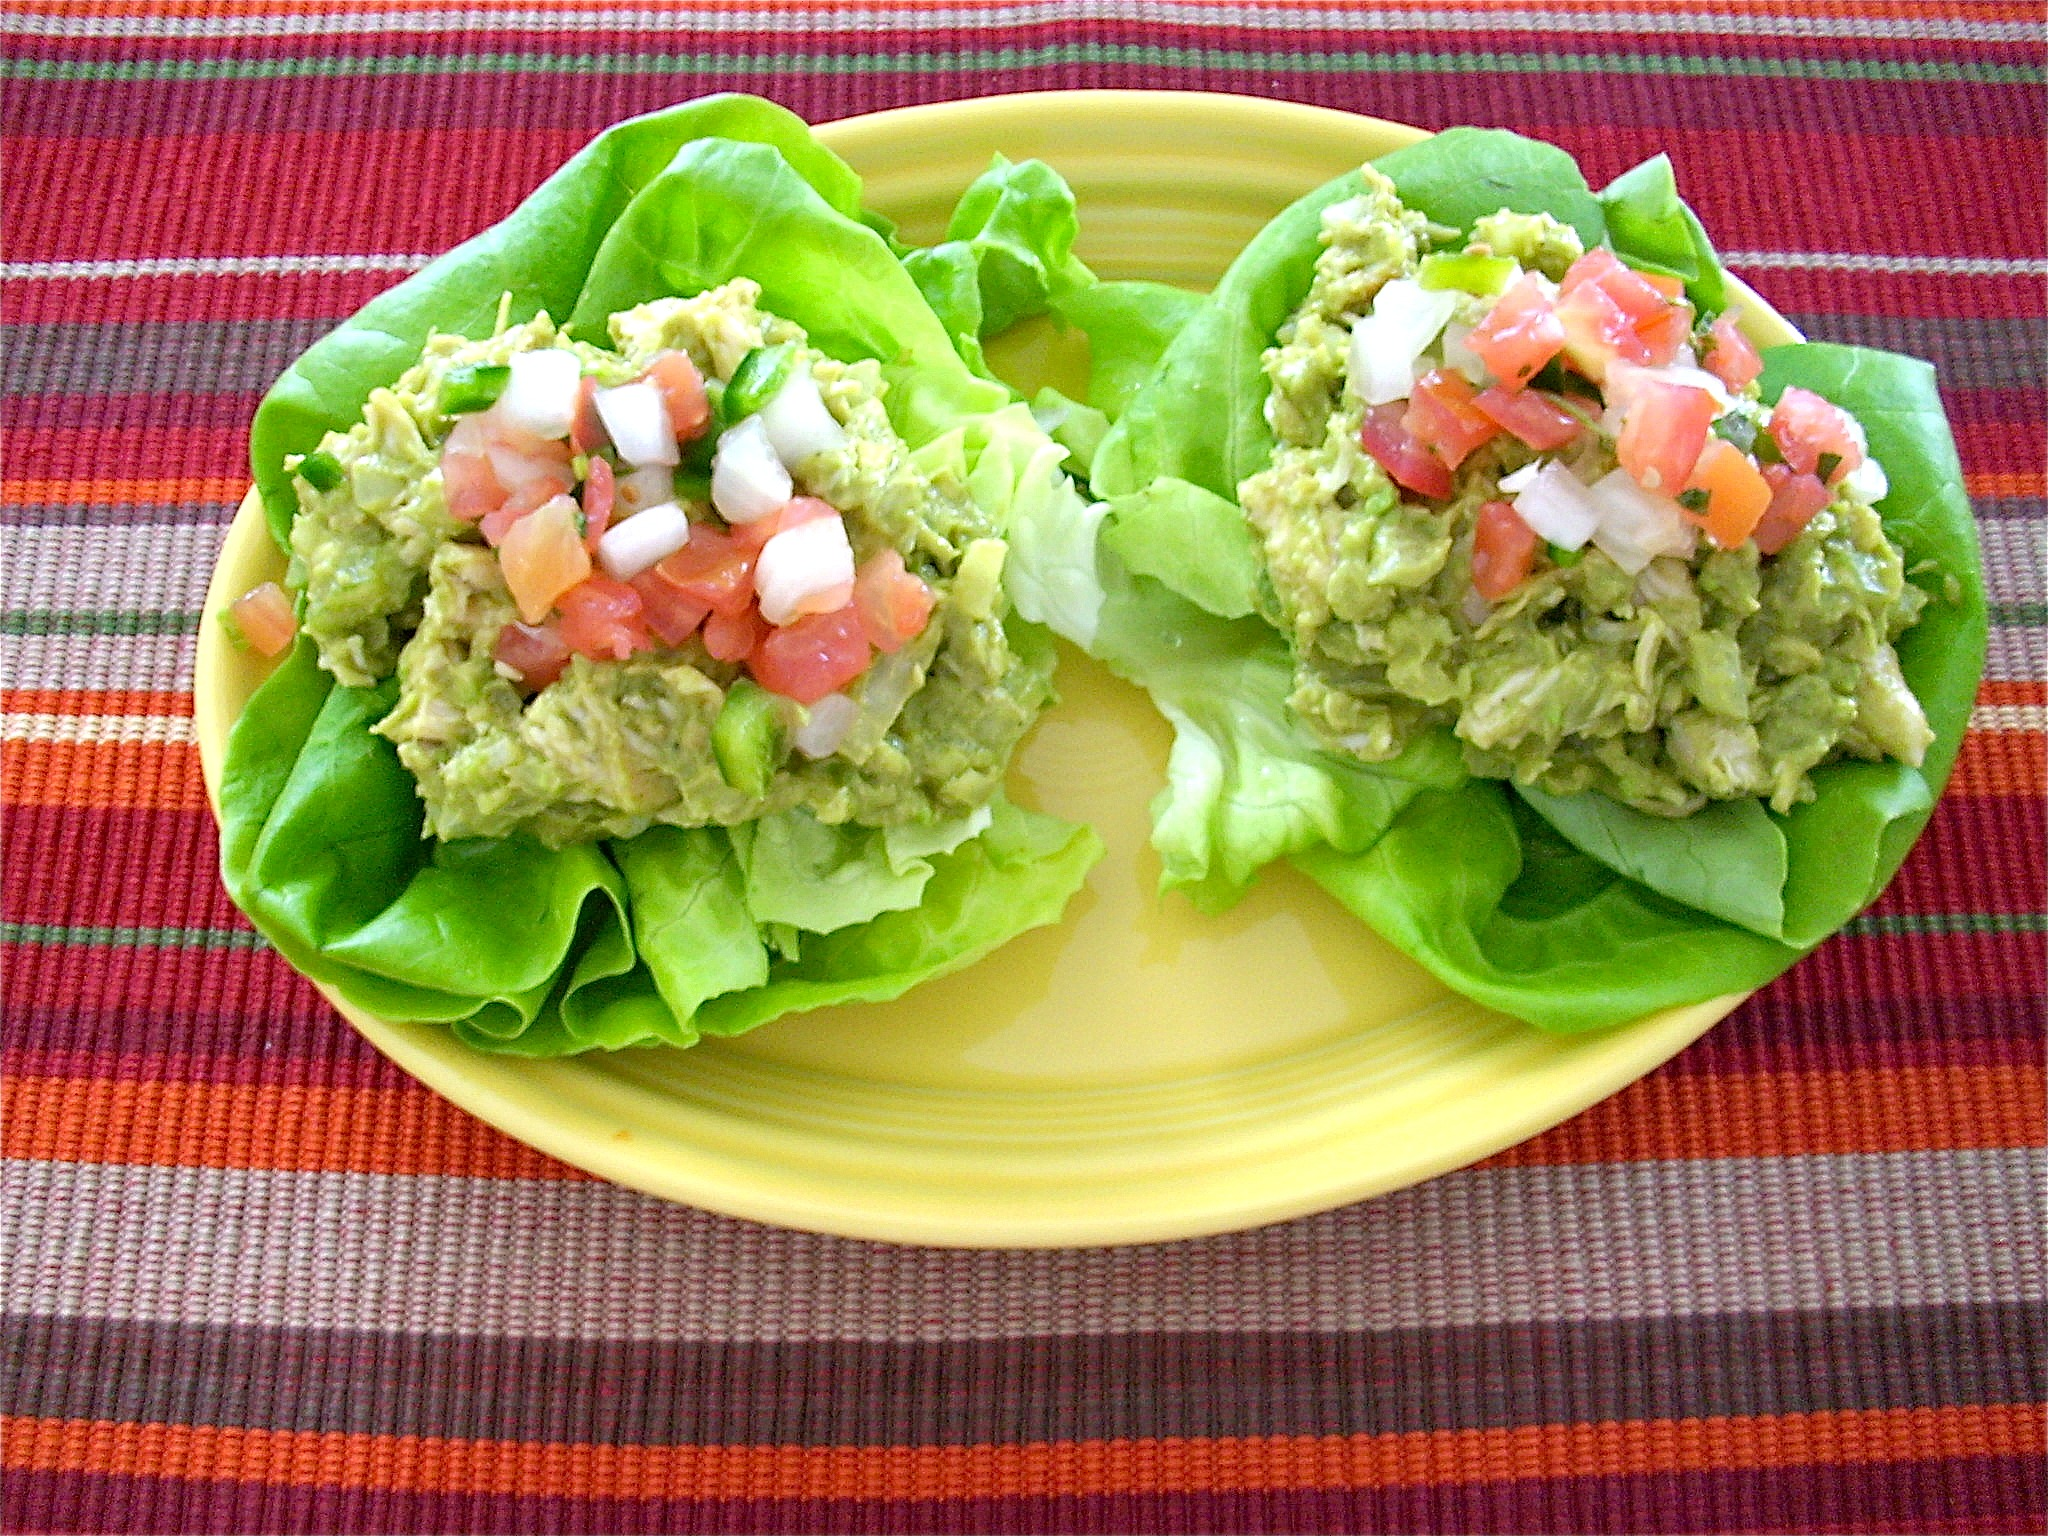 Avocado chicken salad healthier dishes avocado chicken salad forumfinder Images